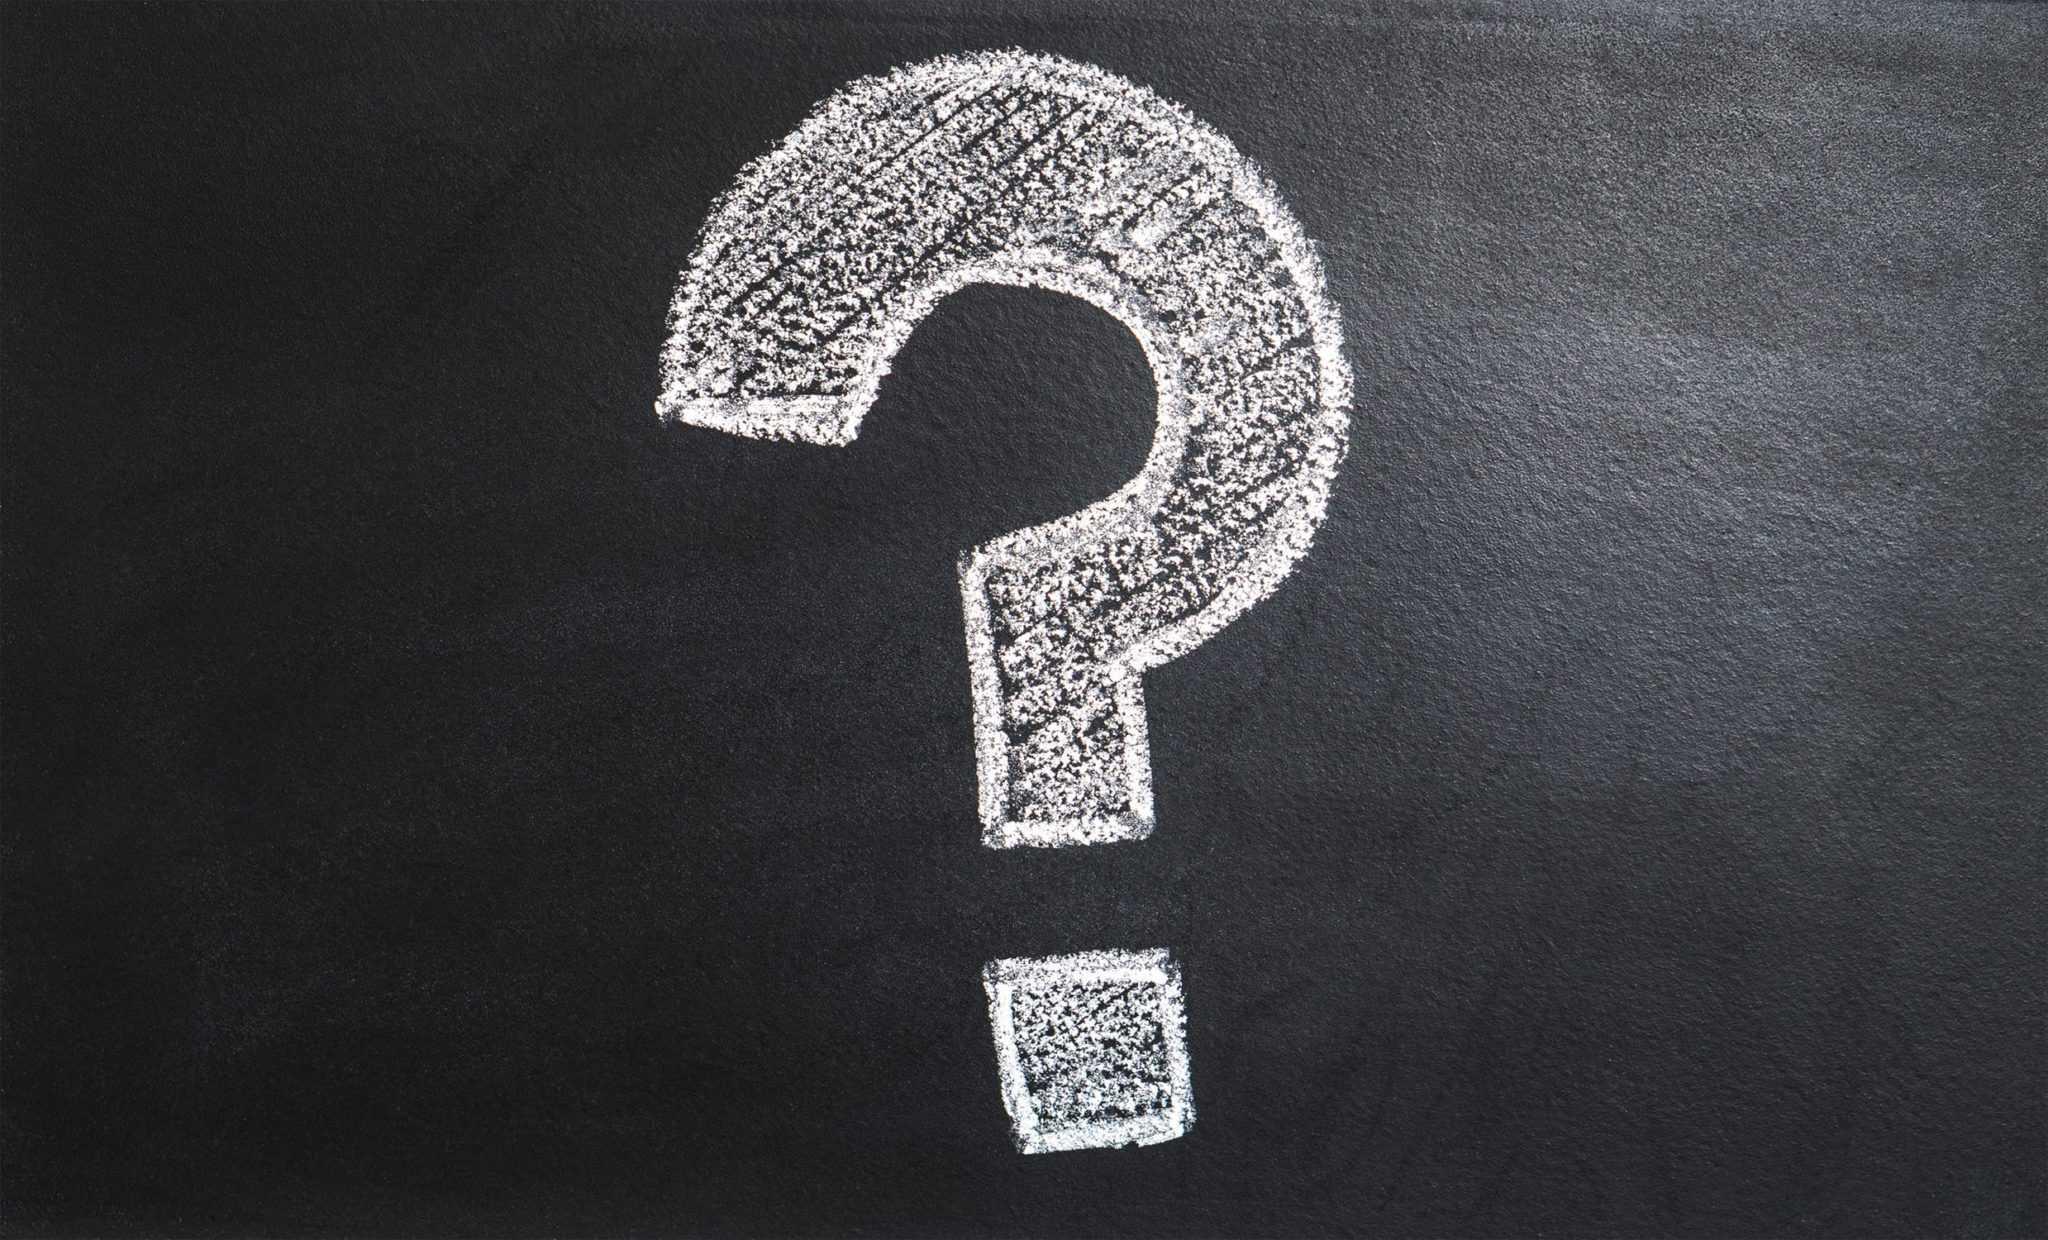 Spieropbouw vragen